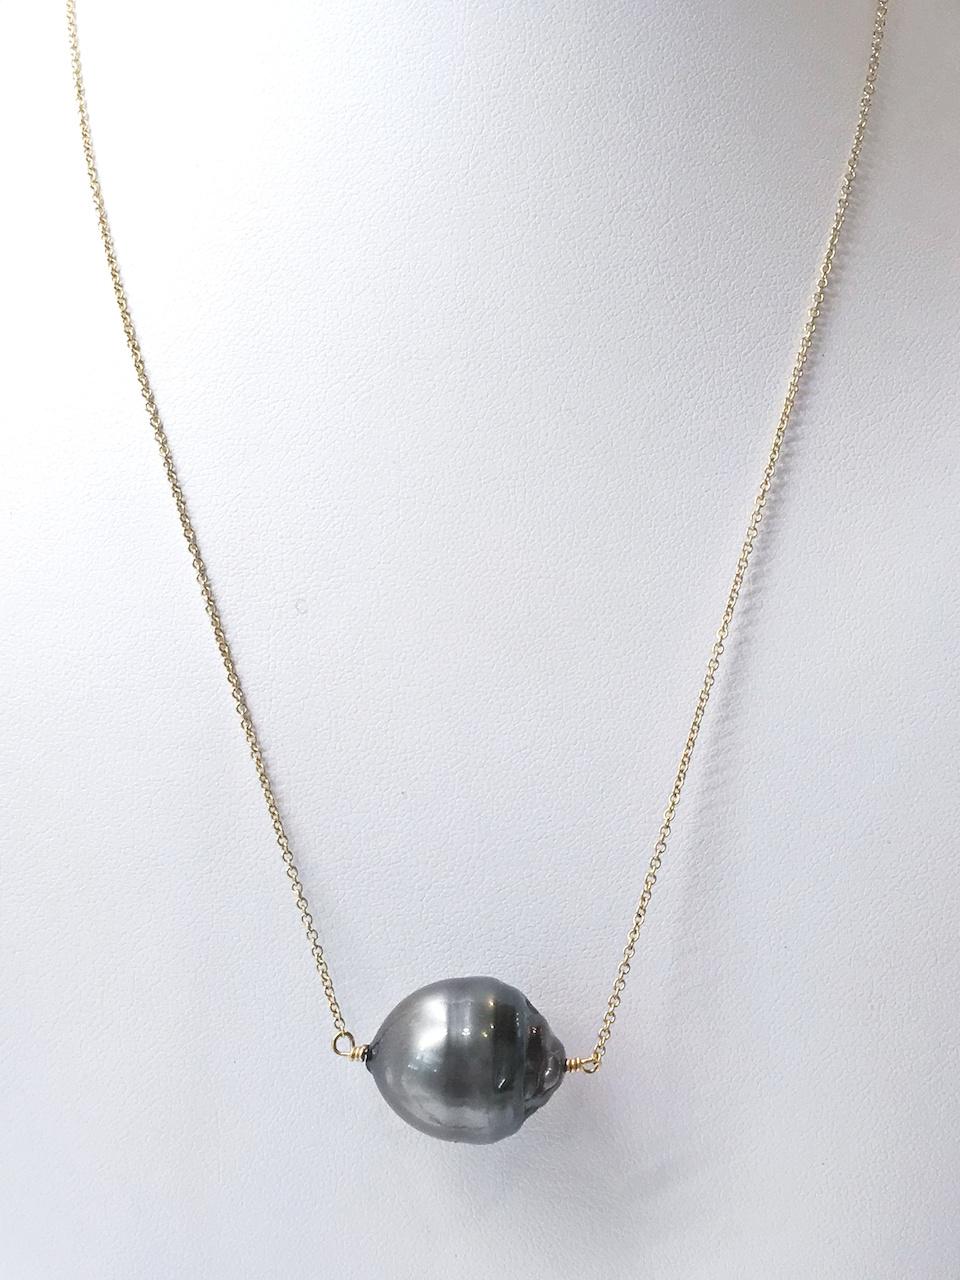 Baroque Tahitian pearl necklace, $560, at Jordan Alexander